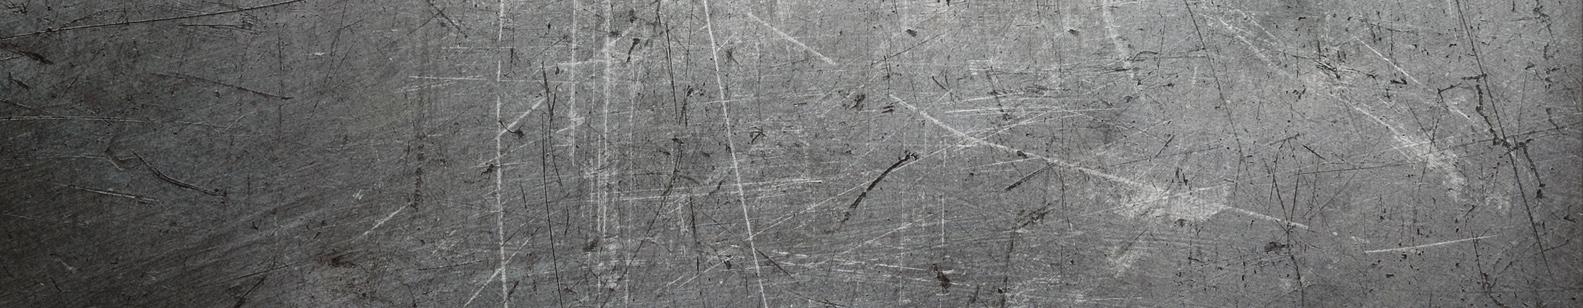 Metalo tekinimo staklės  Pažangios, aukštos kokybės metalo tekinimo staklės